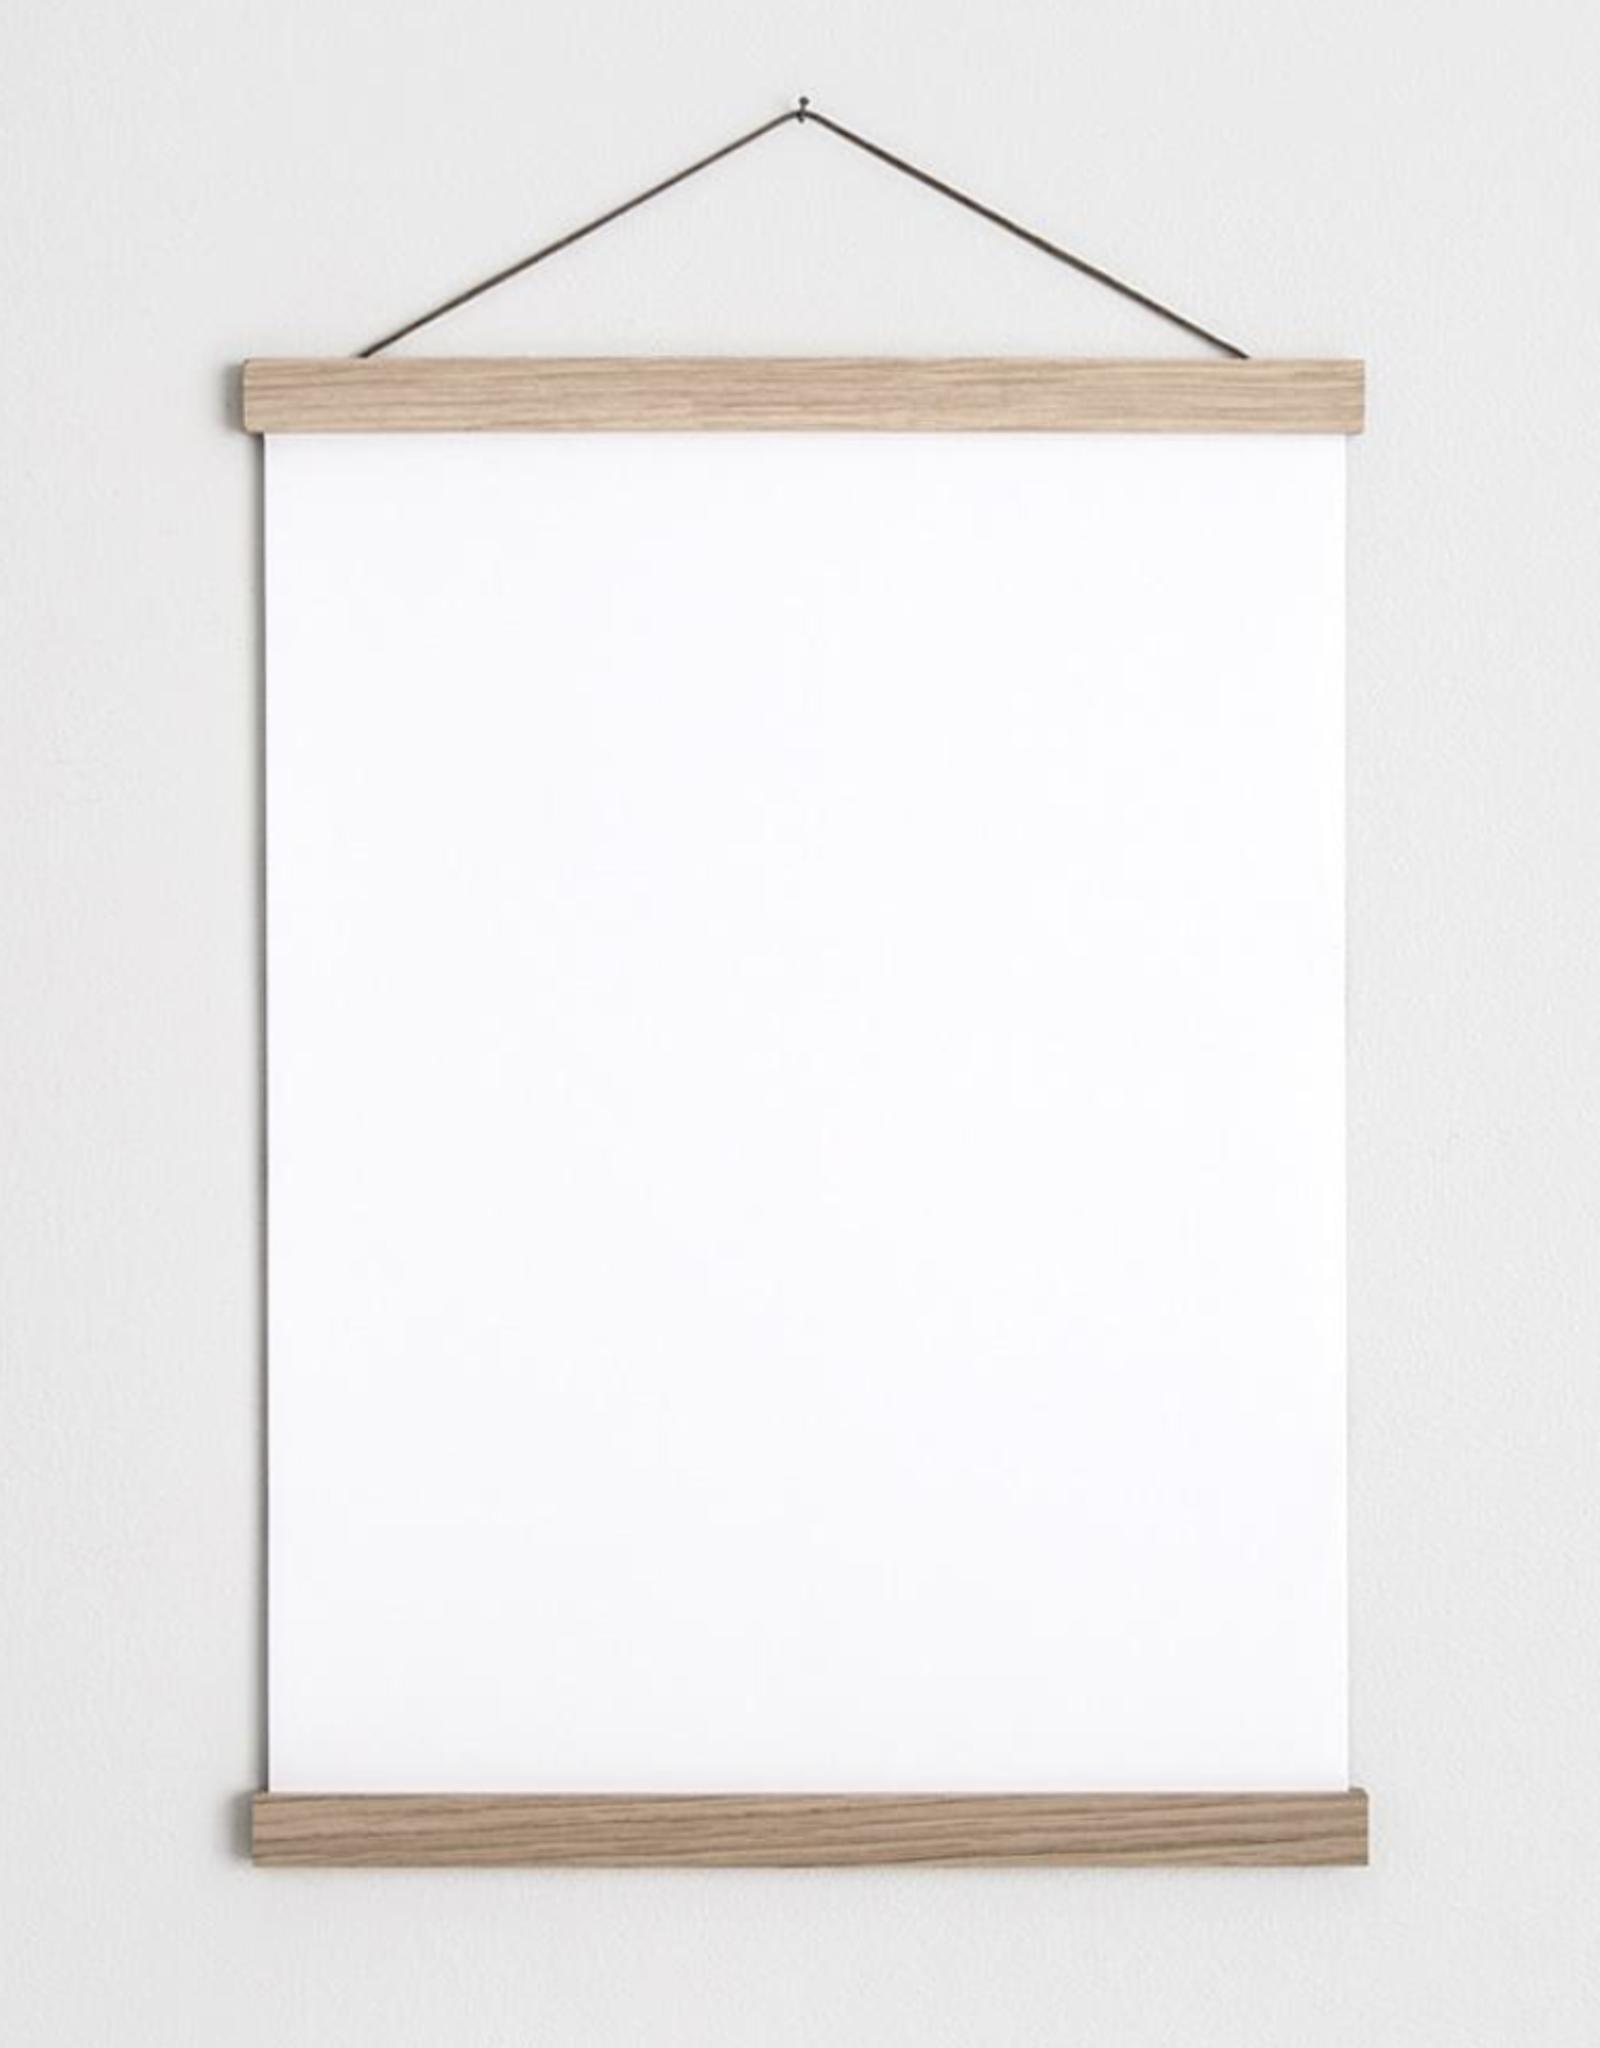 Posterstore PS-Posterhanger Wood 31cm